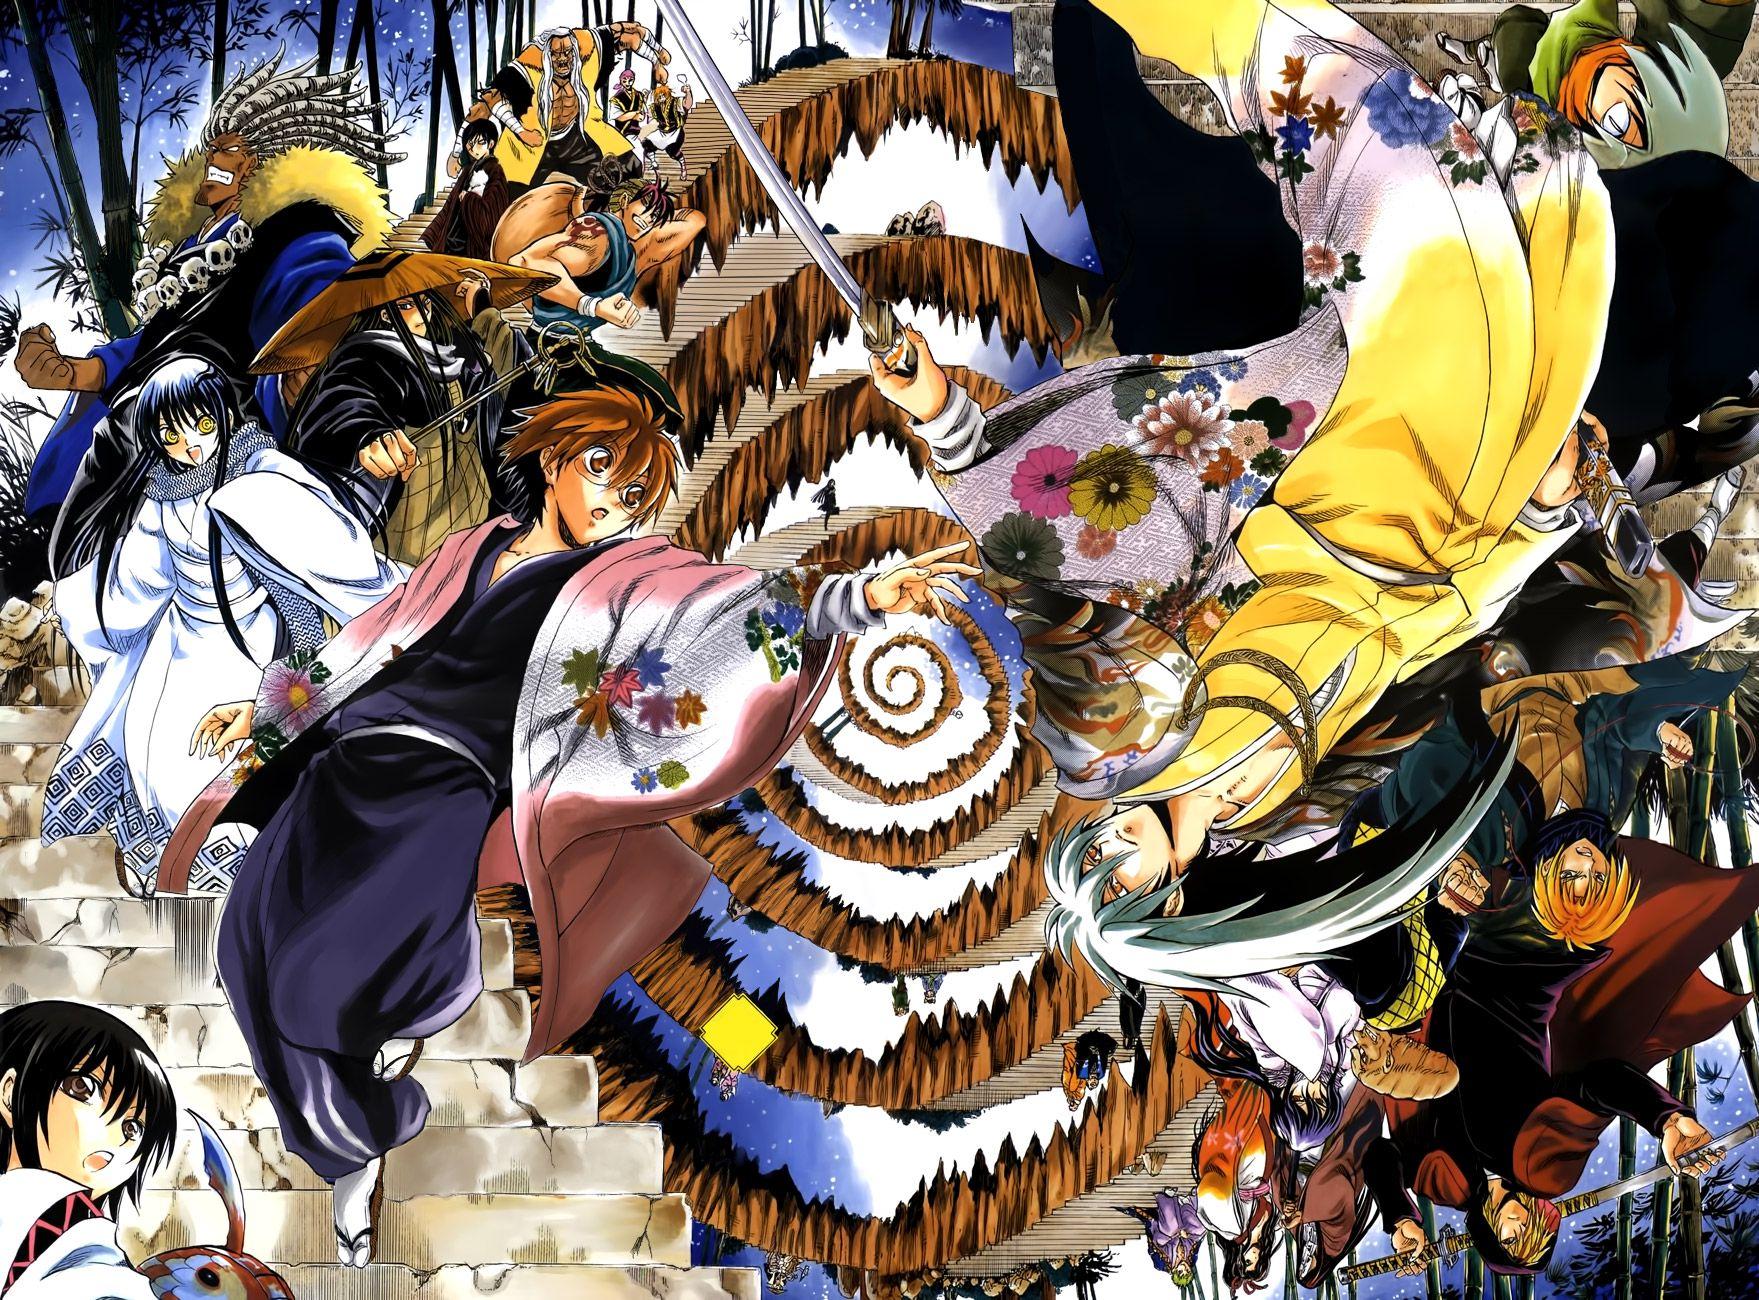 Anime, Vocaloid, Manga. - Bách Quỷ Dạ Hành - Wattpad